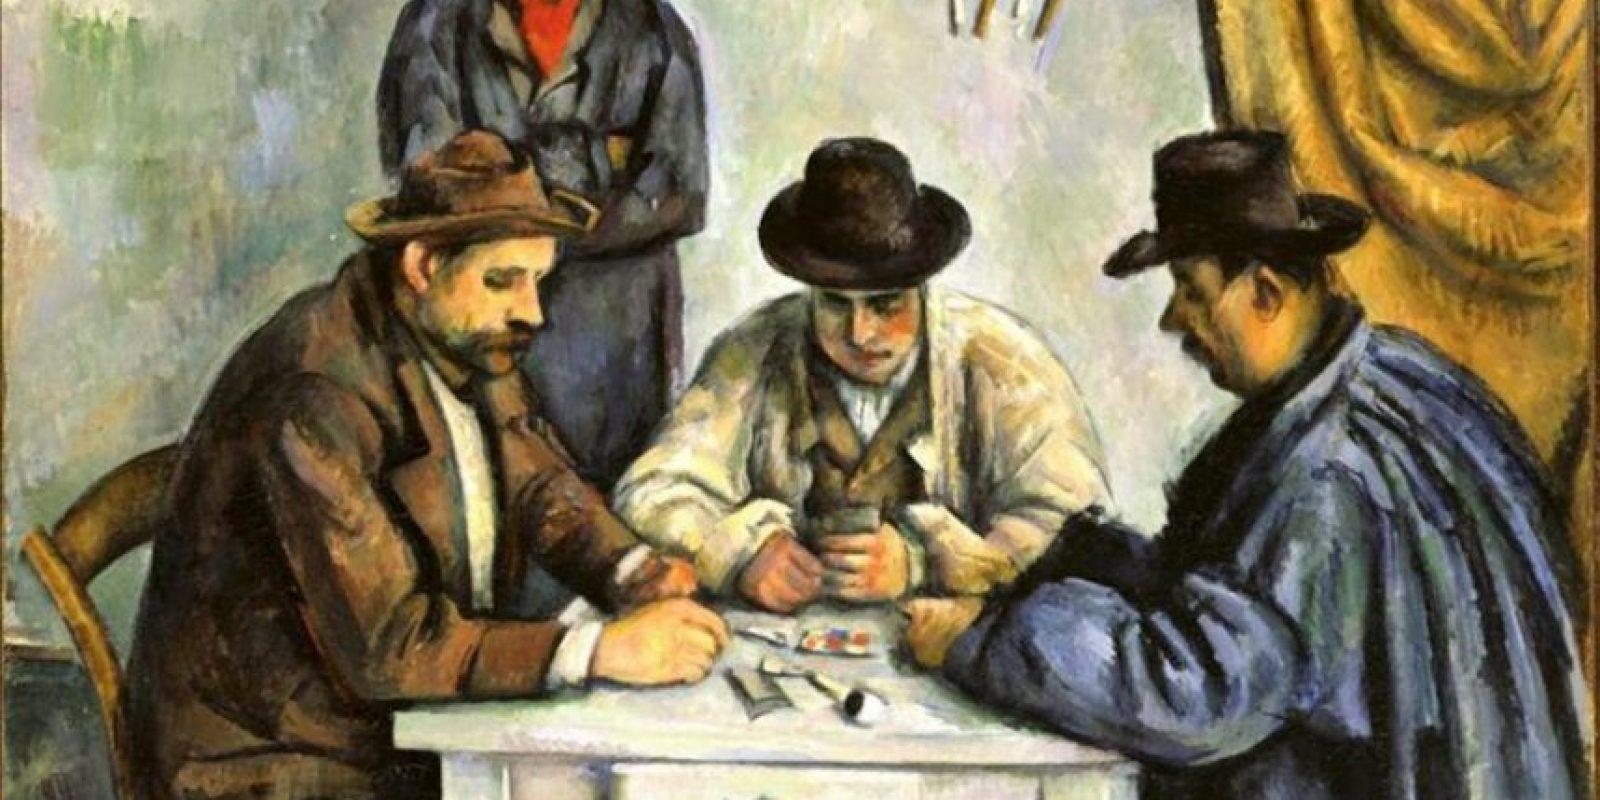 """Imagen facilitada por el Museo de Bellas Artes de Budapest (Hungría) del cuadro """"Los jugadores de naipes"""", de Paul Cézanne, que forma parte de la exposición """"Cézanne y el pasado"""". EFE"""